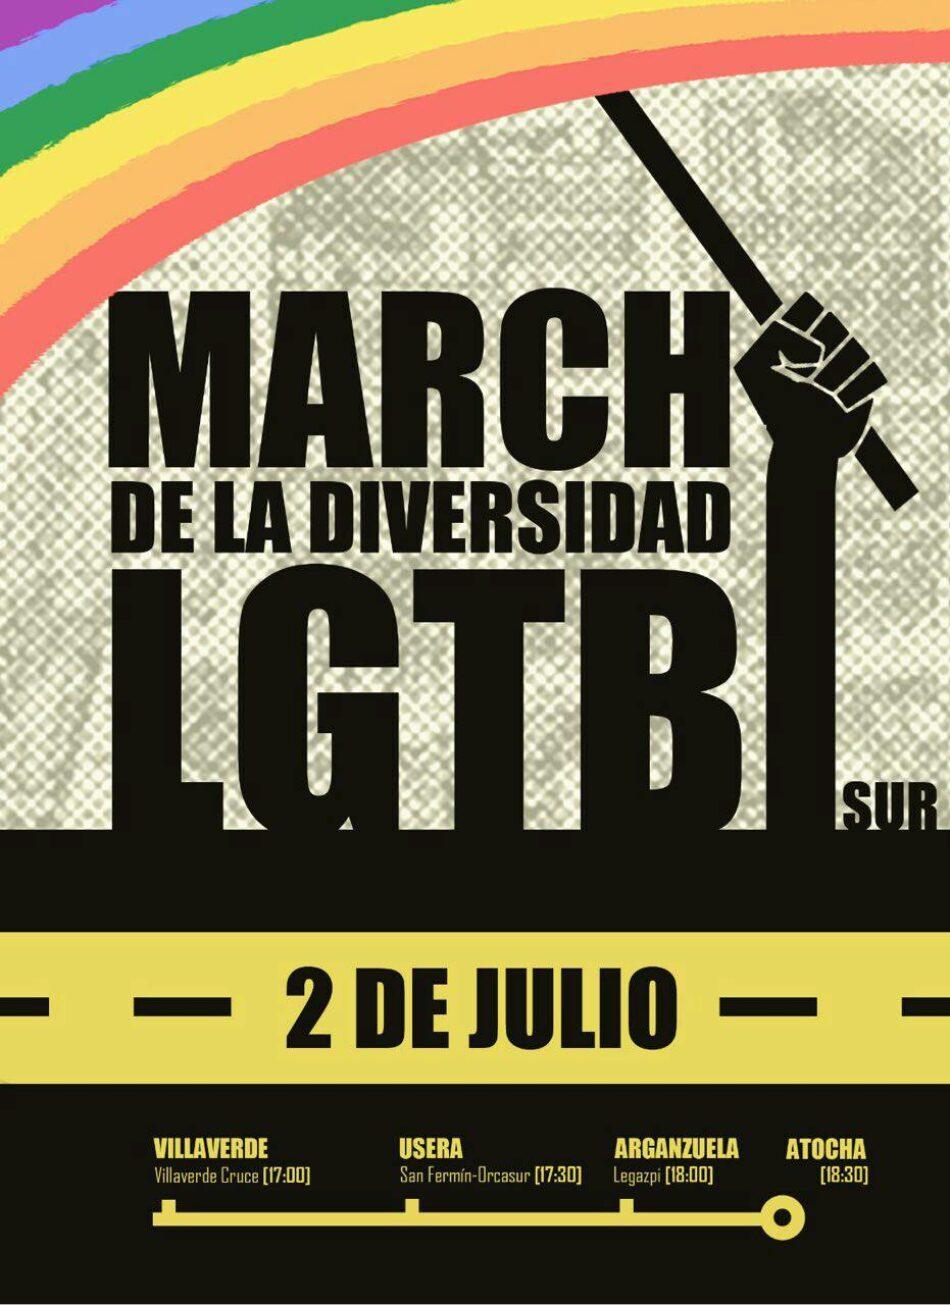 Marcha de la diversidad LGTBI en Villaverde y Usera: el Sur hace historia